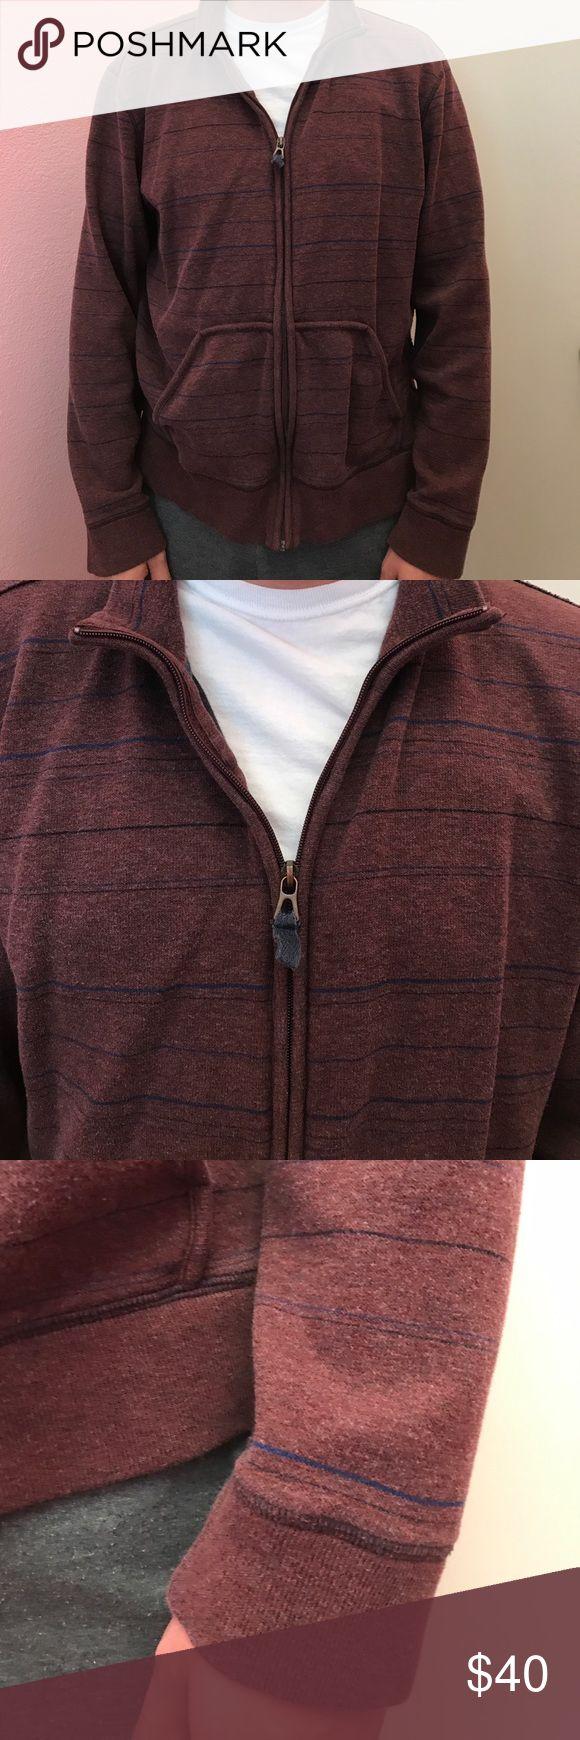 Boss orange zip up Gently used boss orange zip up. In great condition. Zipper works excellent. BOSS ORANGE Sweaters Zip Up